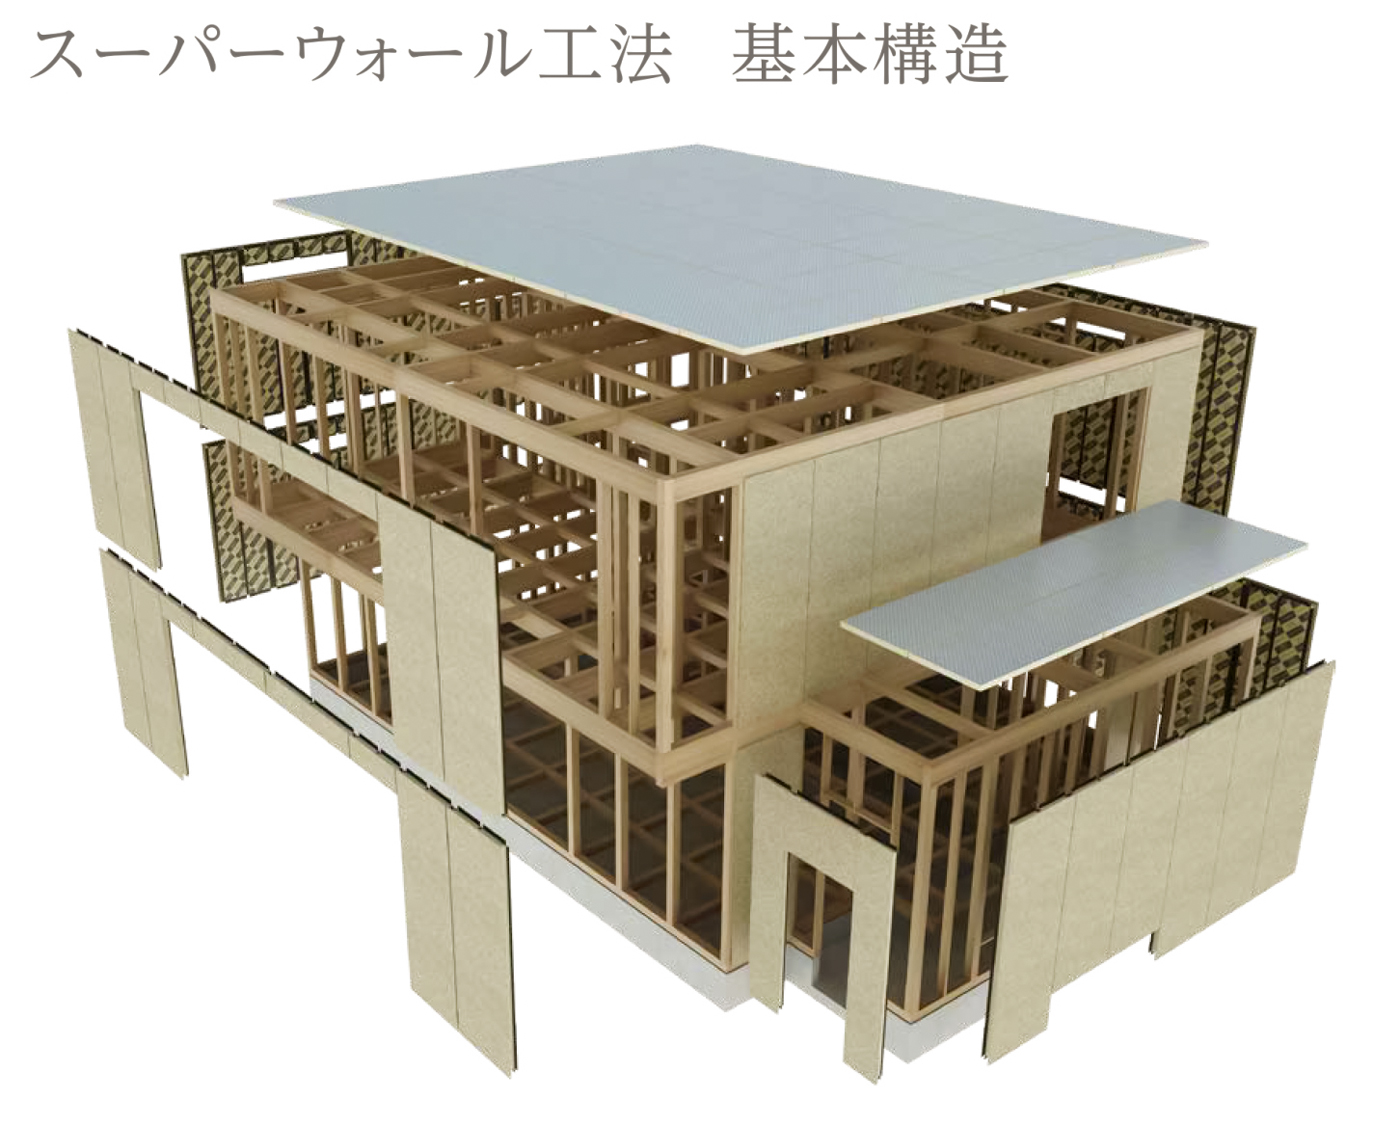 建物全体を断熱材で包み込む「スーパーウォール工法」